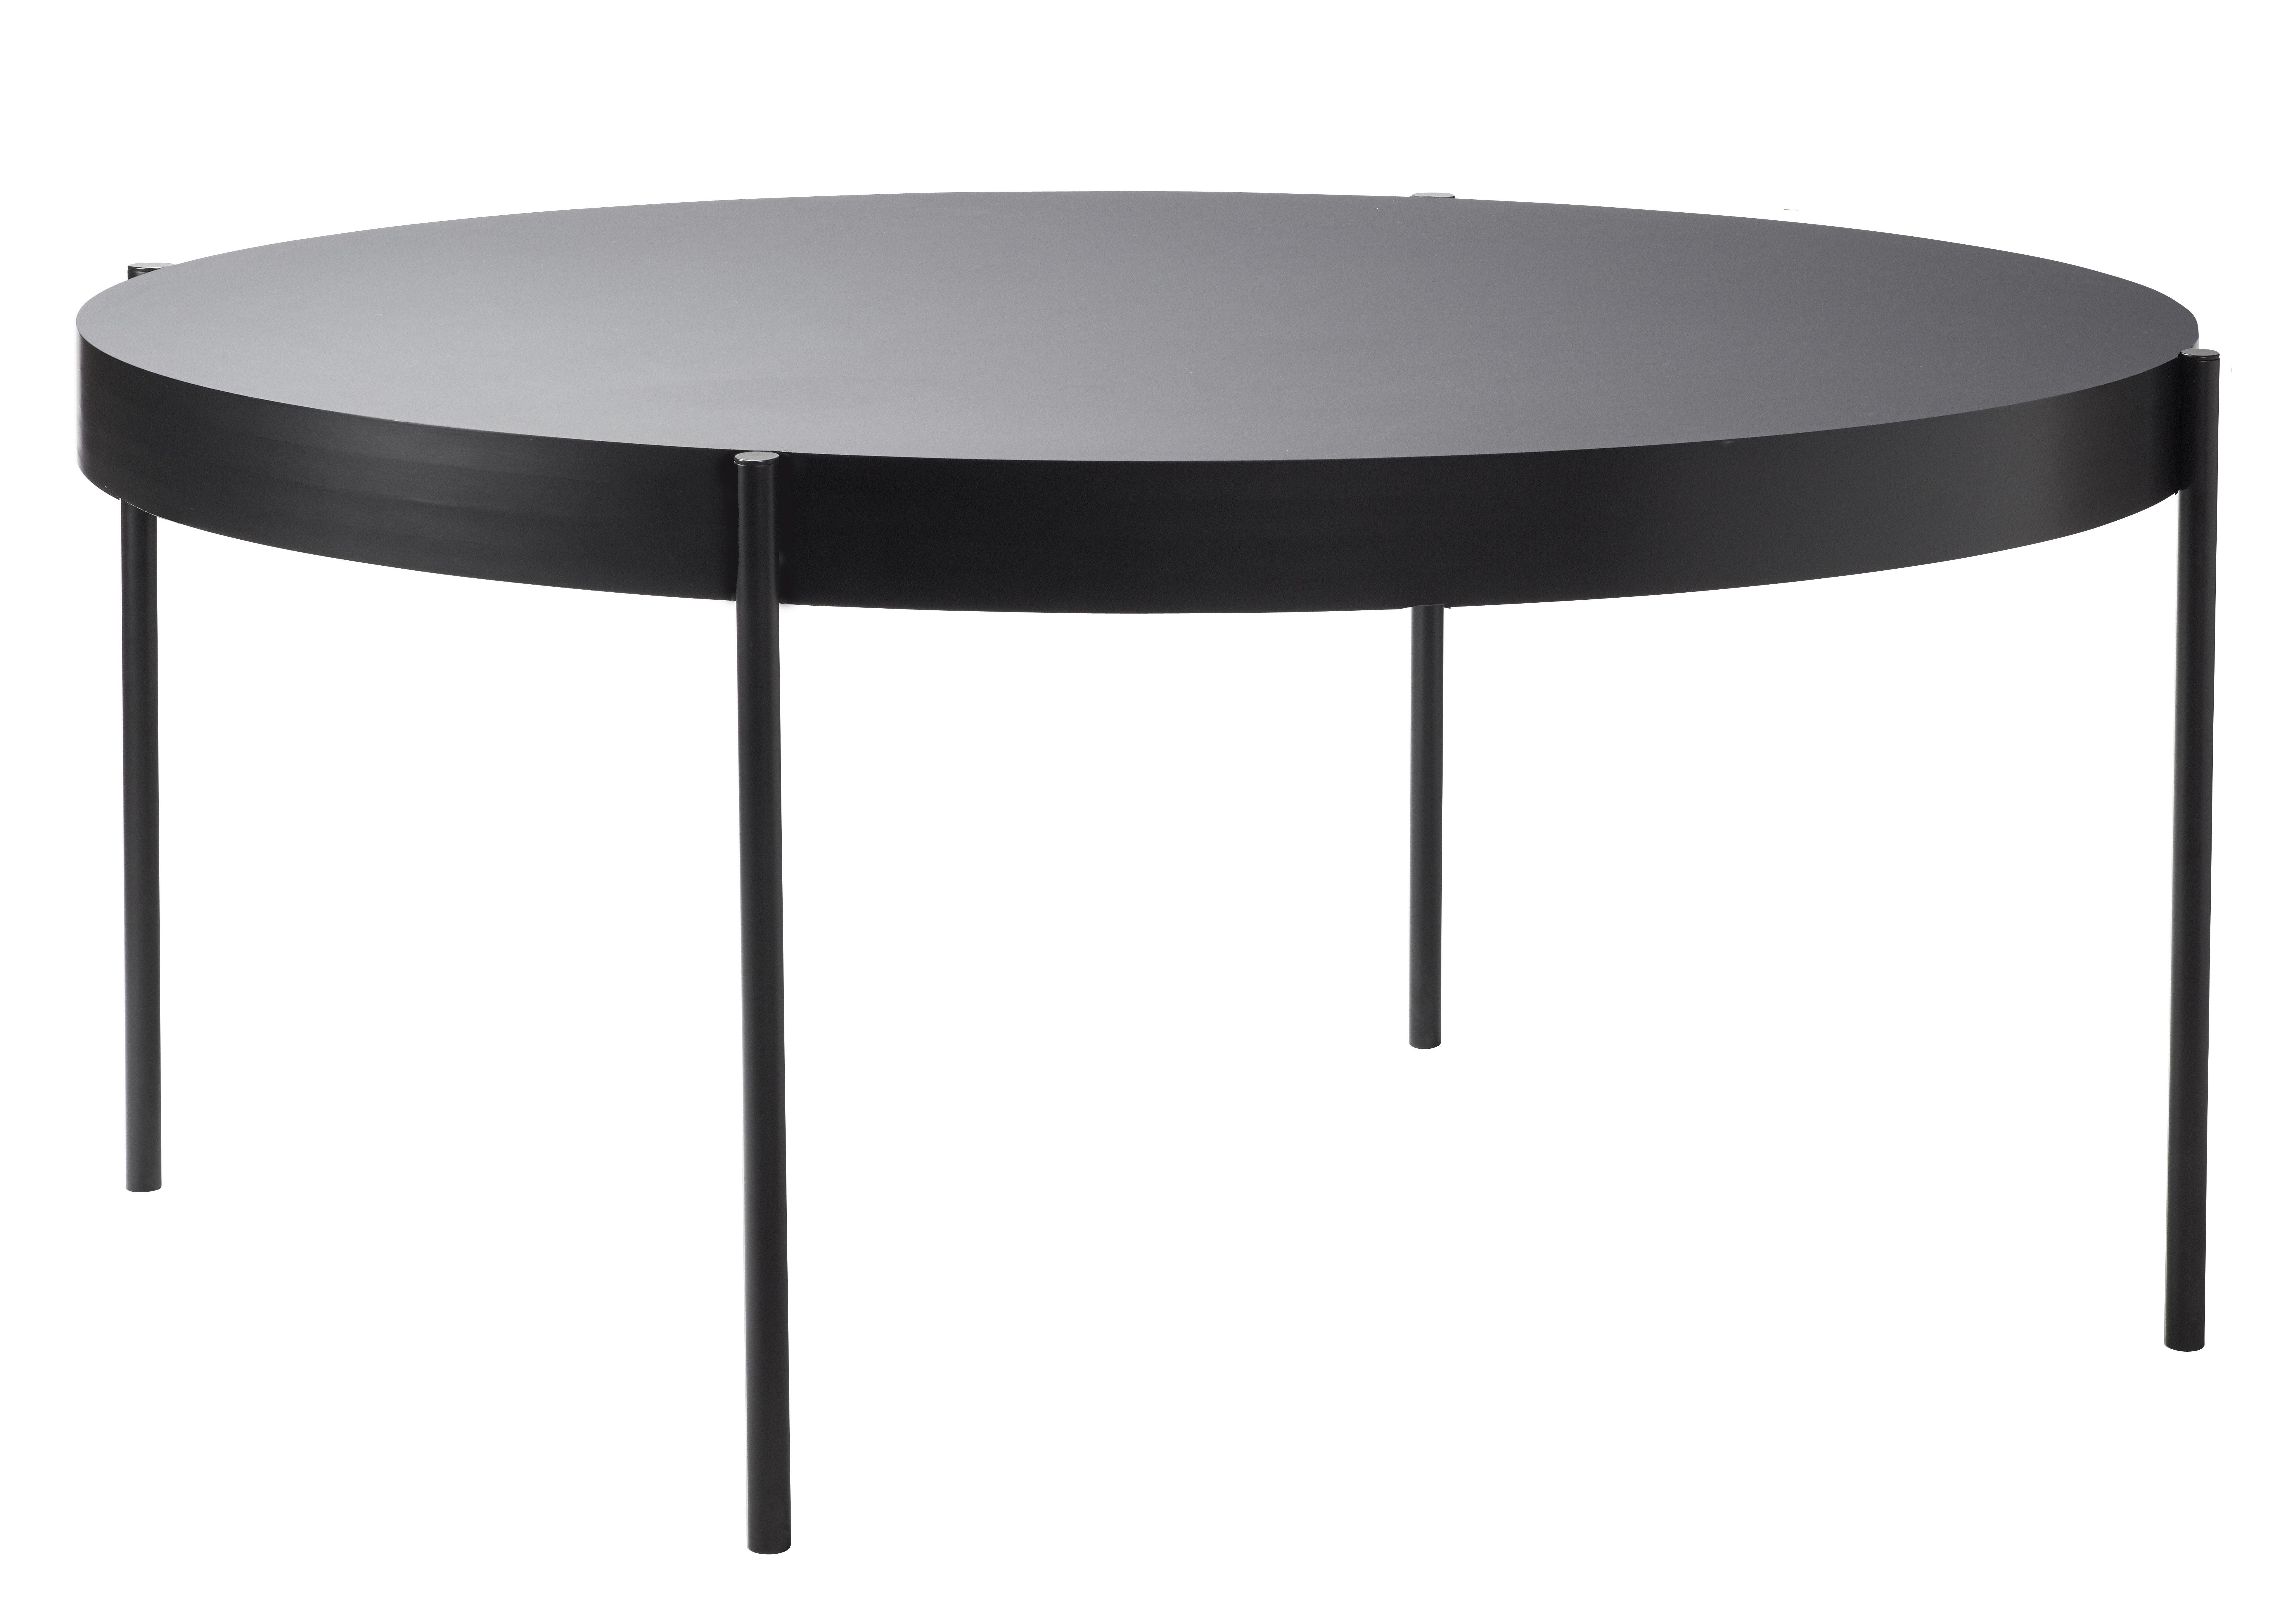 Tendances - À taaable ! - Table ronde Series 430 / Ø 160 cm - Fenix-NTM® - Verpan - Noir - Acier laqué, MDF, Thermo-stratifié Fenix-NTM®